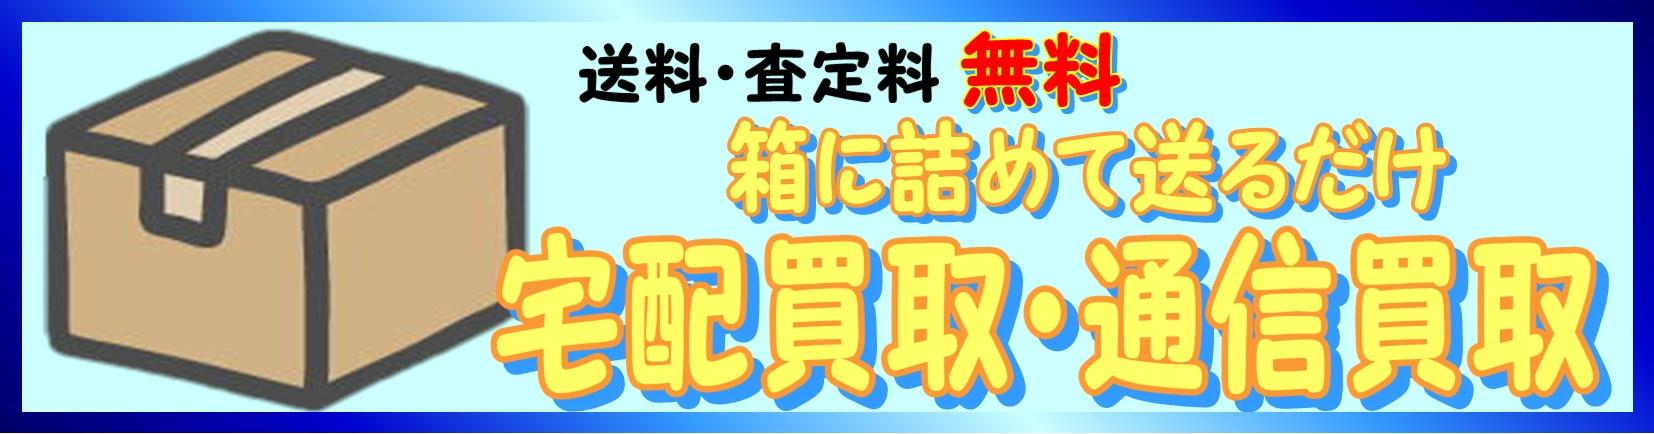 浜北 鑑定団 通信買取